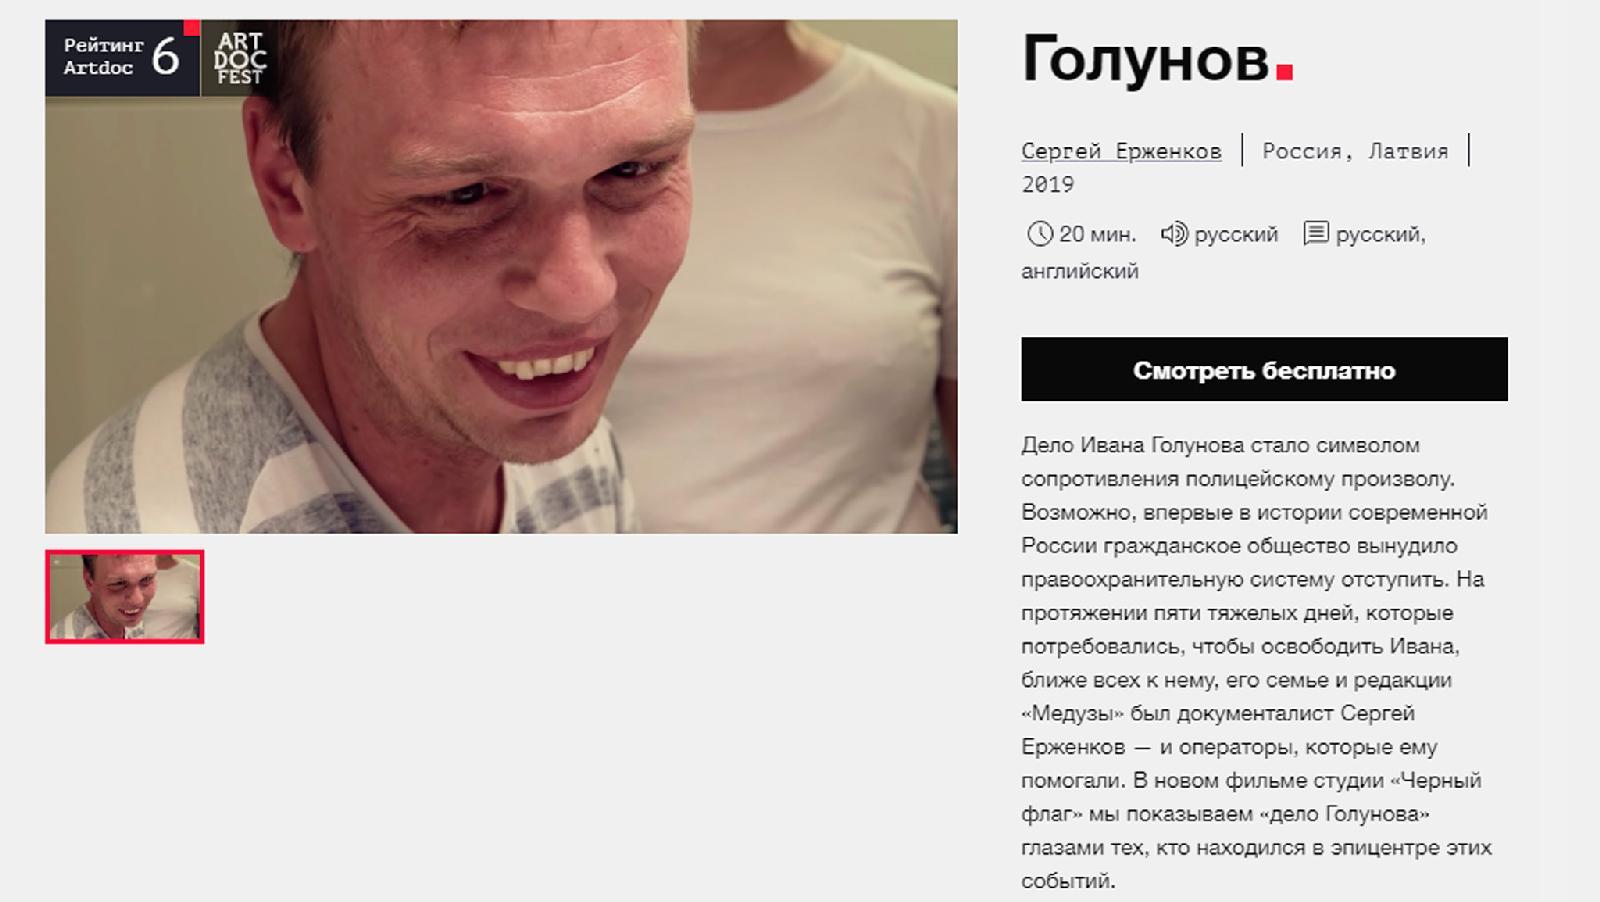 Документальный фильм «Голунов» Сергея Ерженкова можно бесплатно посмотреть на сайте artdocfest.com